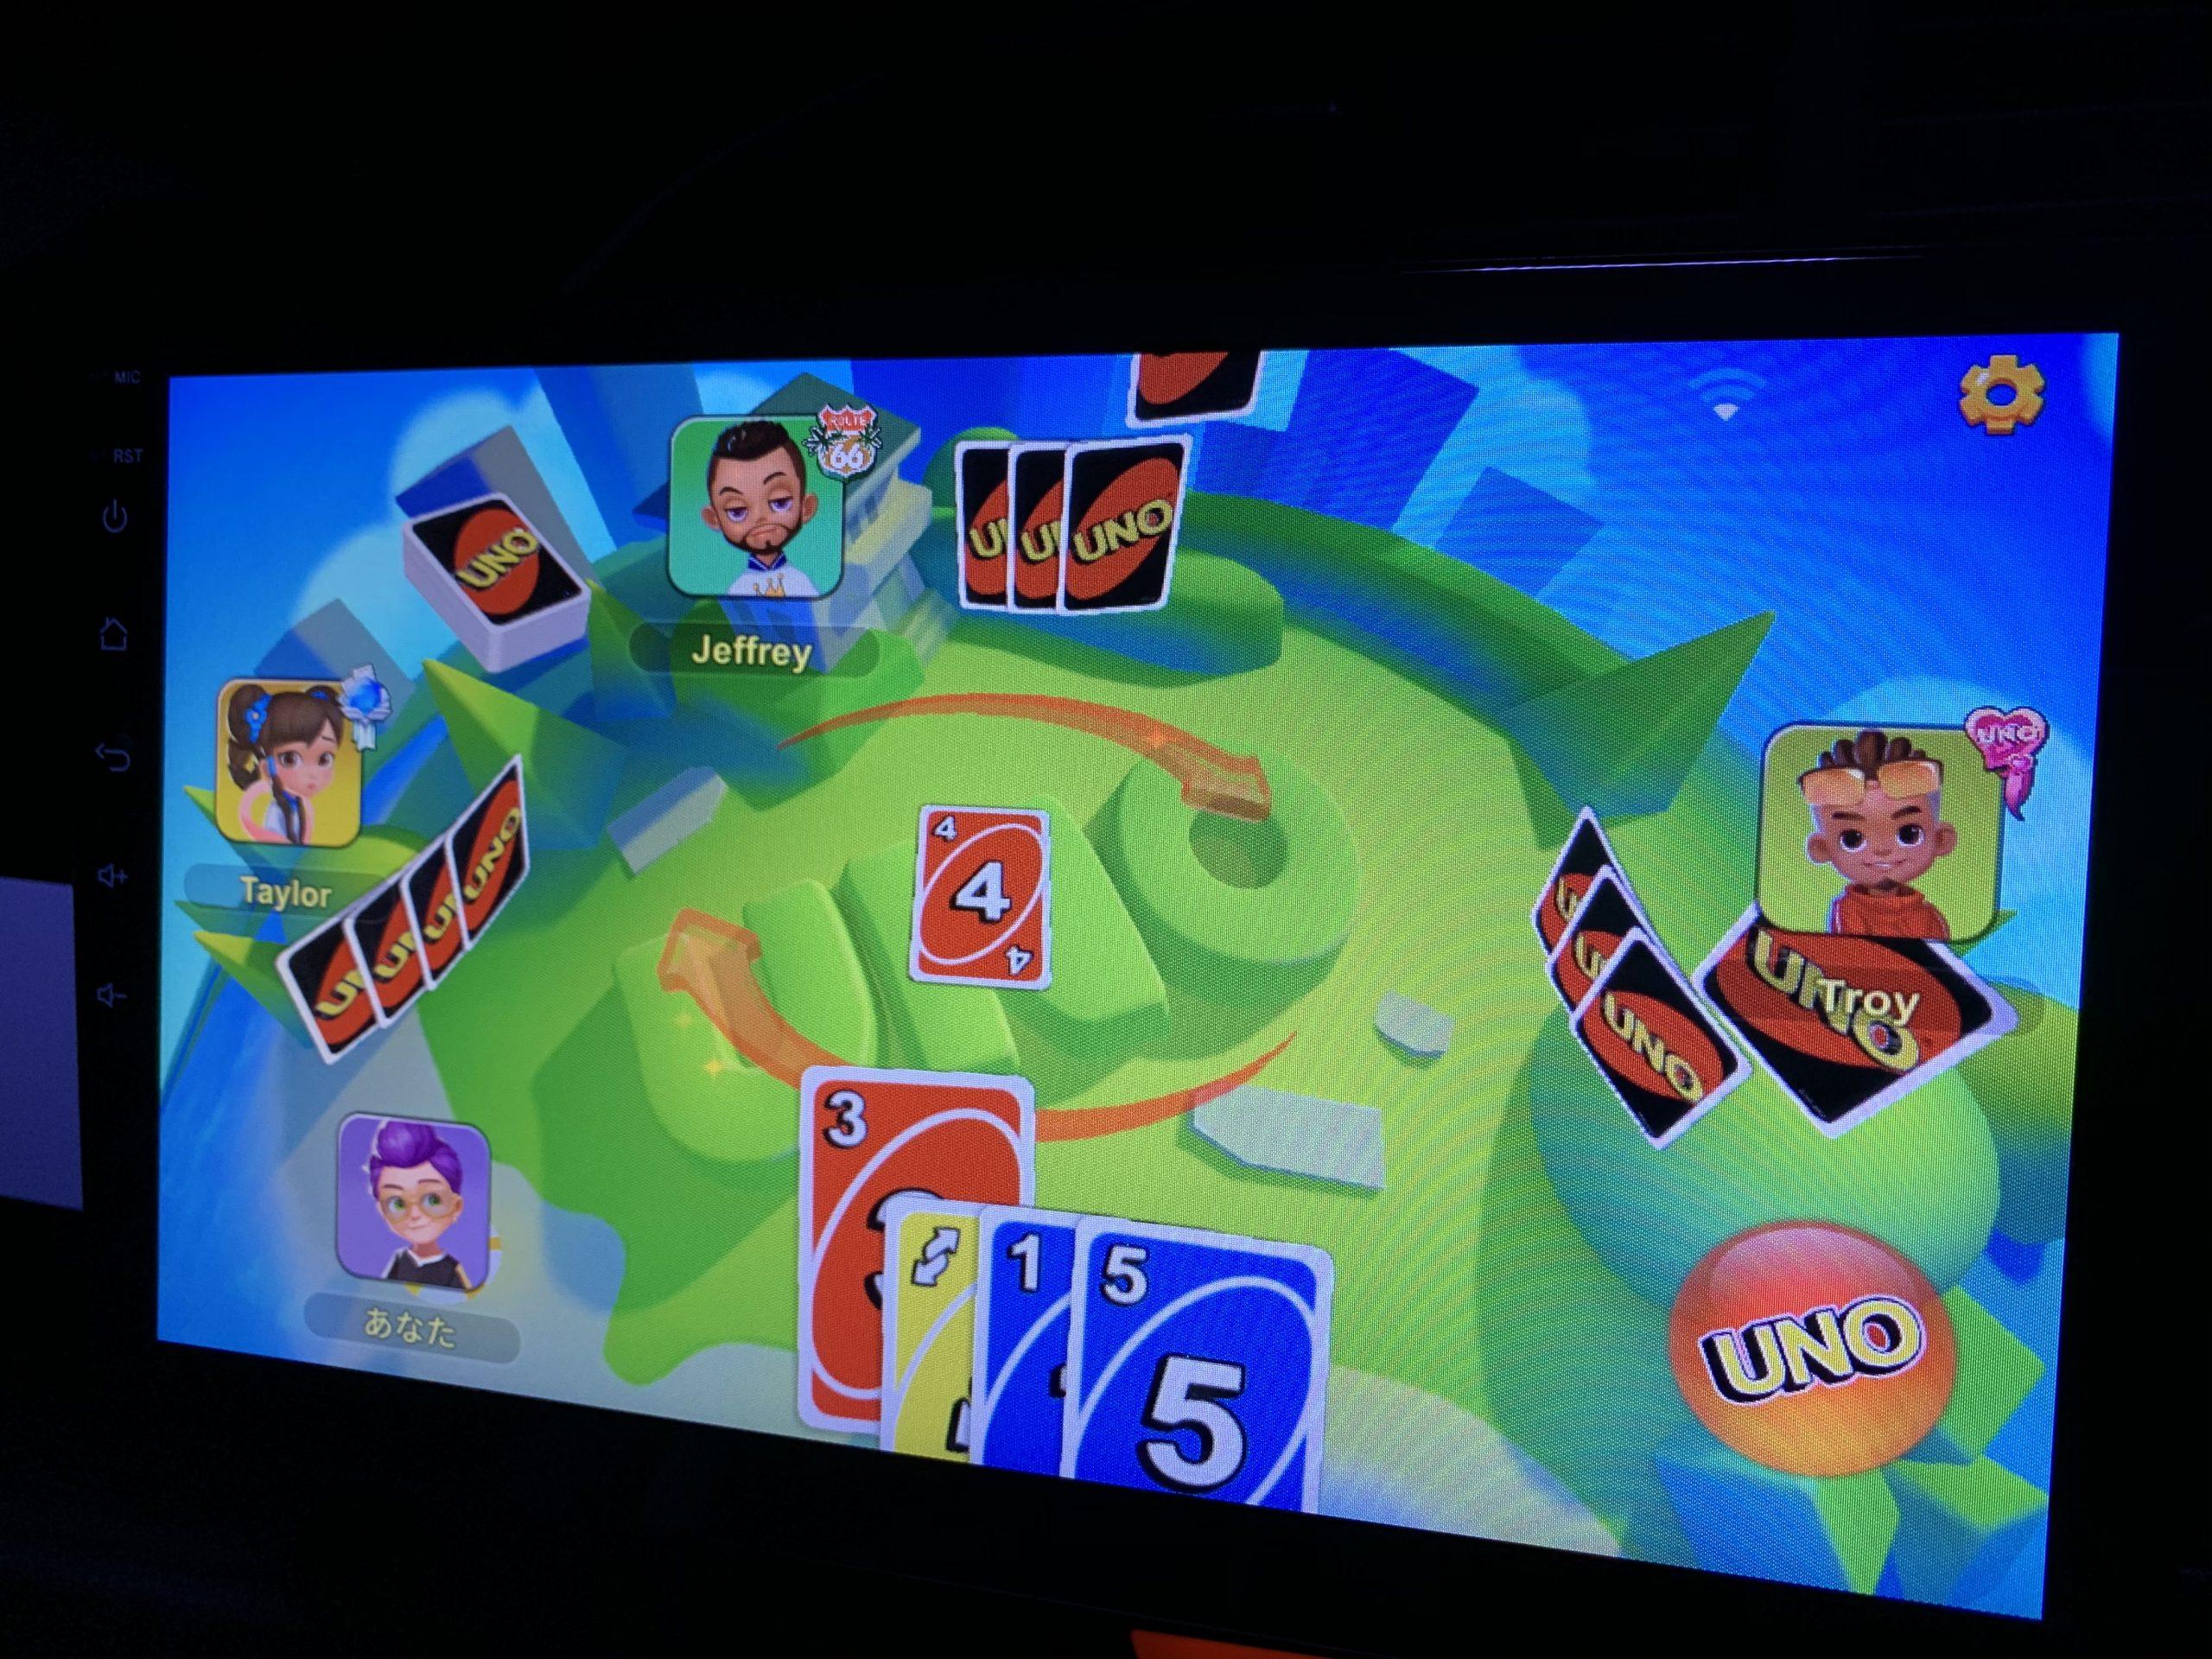 ゲームアプリ UNOで遊ぶ